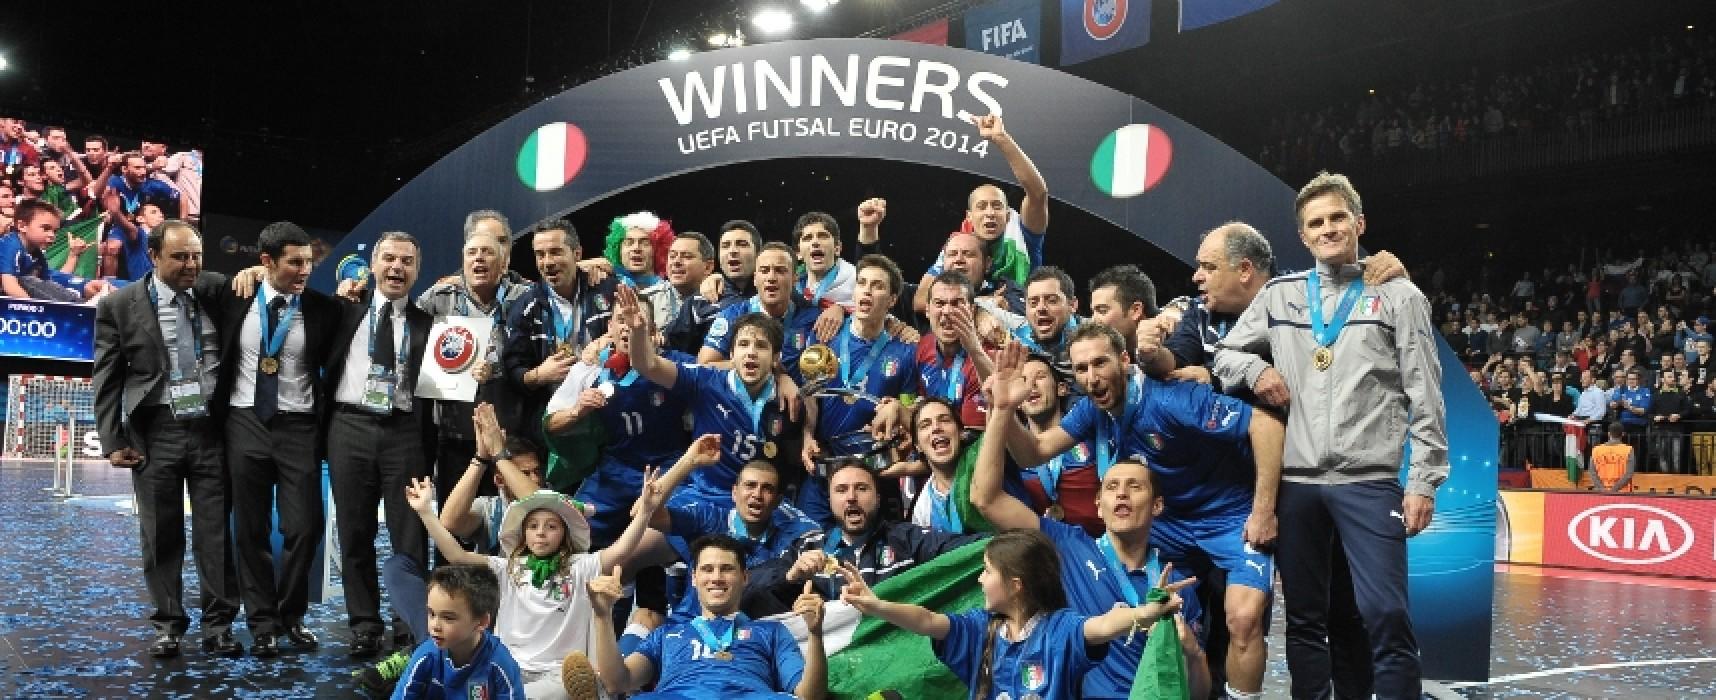 Ufficiale: Bisceglie designata tra le due sedi di qualificazione ai Mondiali di calcio a 5